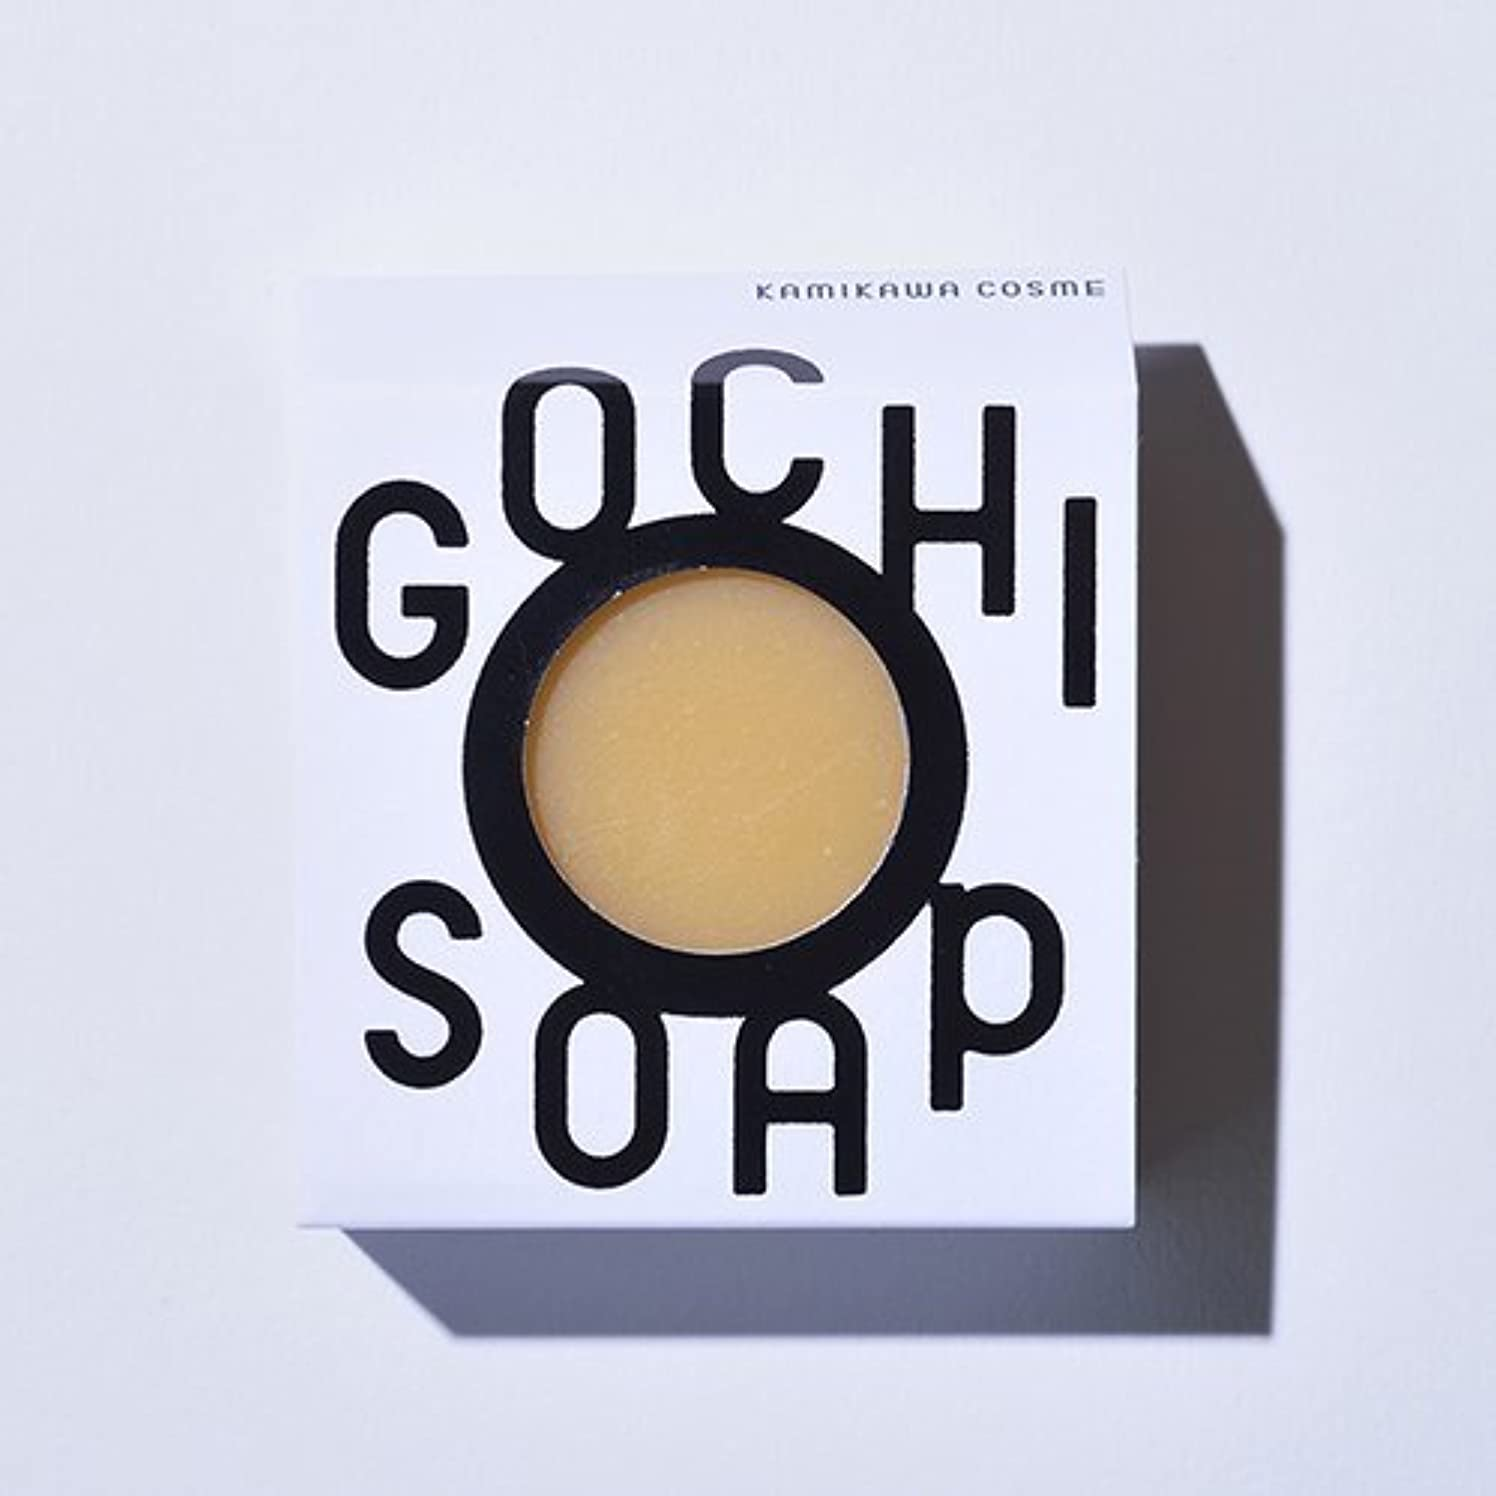 集める沼地泥沼GOCHI SOAP ゴチソープ 谷口農場のトマトソープ